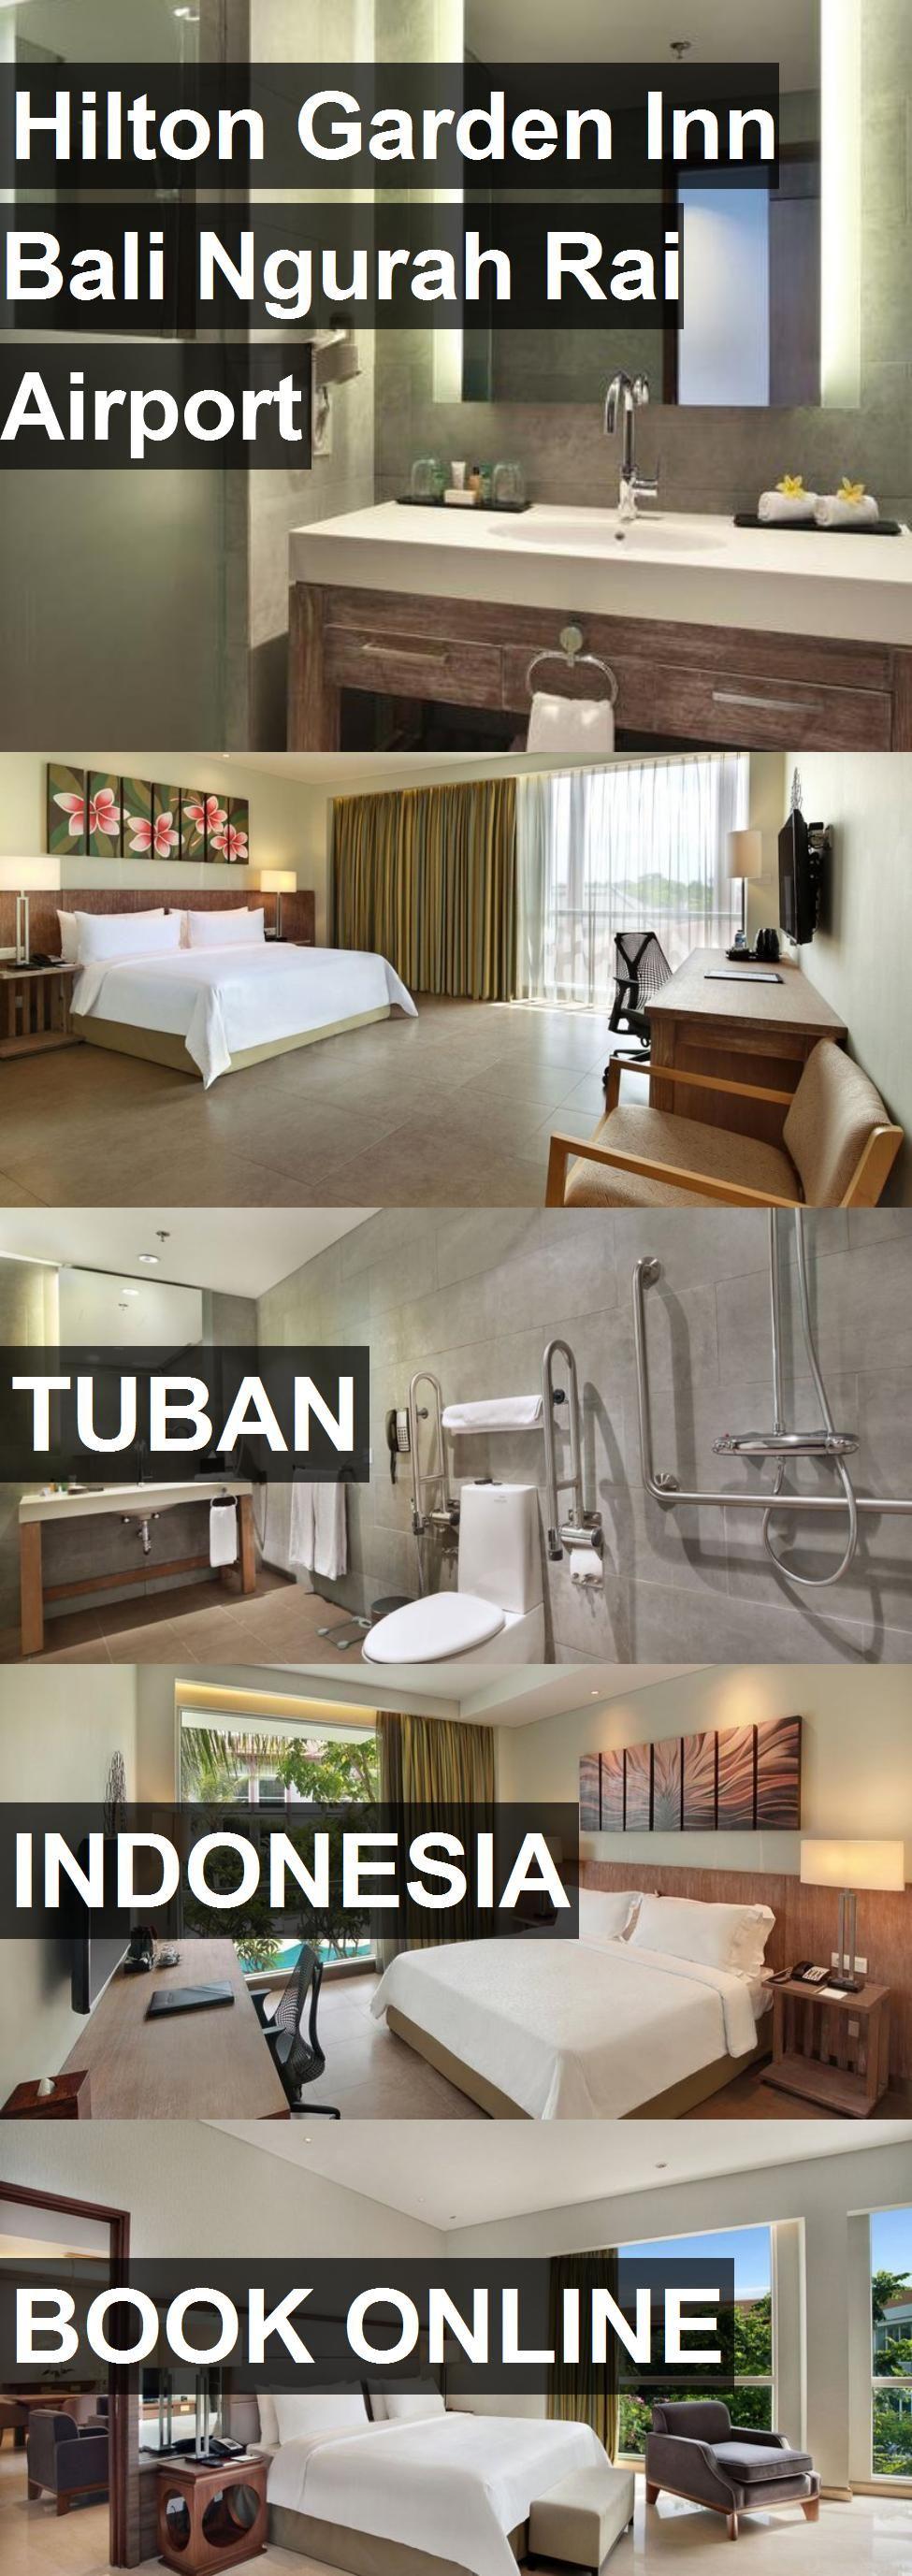 Hotel Hilton Garden Inn Bali Ngurah Rai Airport in Tuban